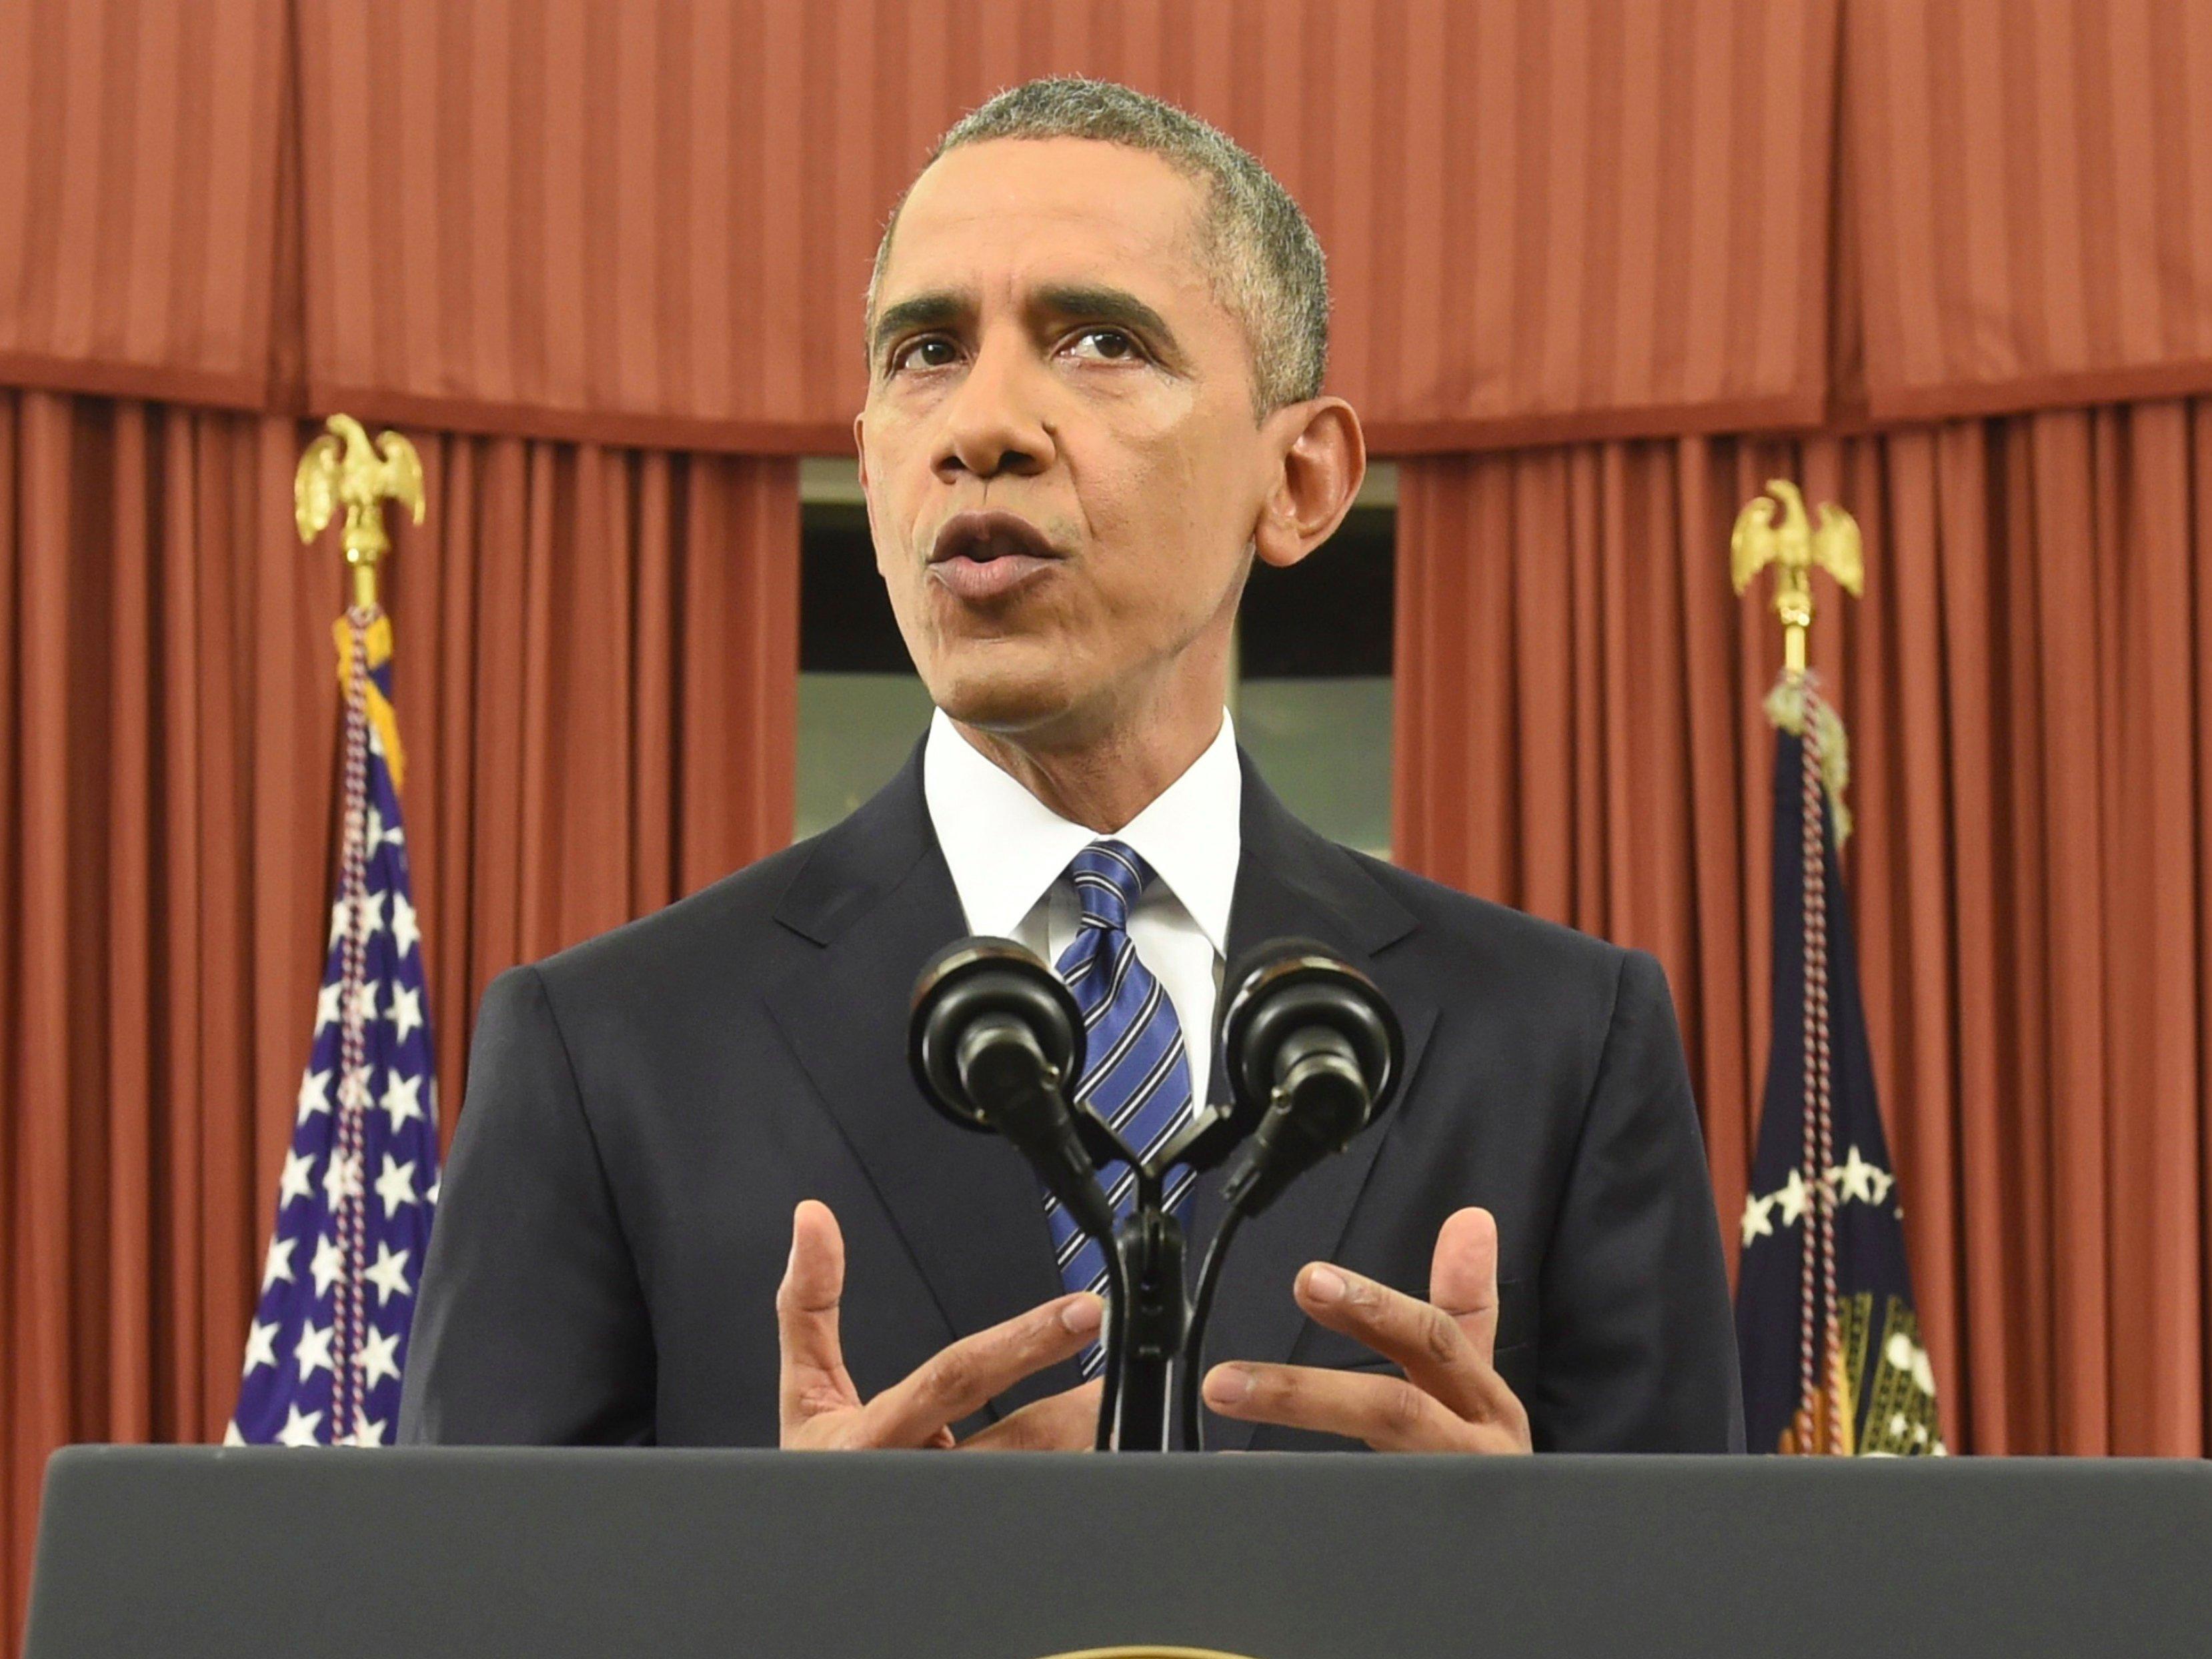 #ObamaSpeech Recap: Obama's Pathetic Oval Office Address on Terrorism